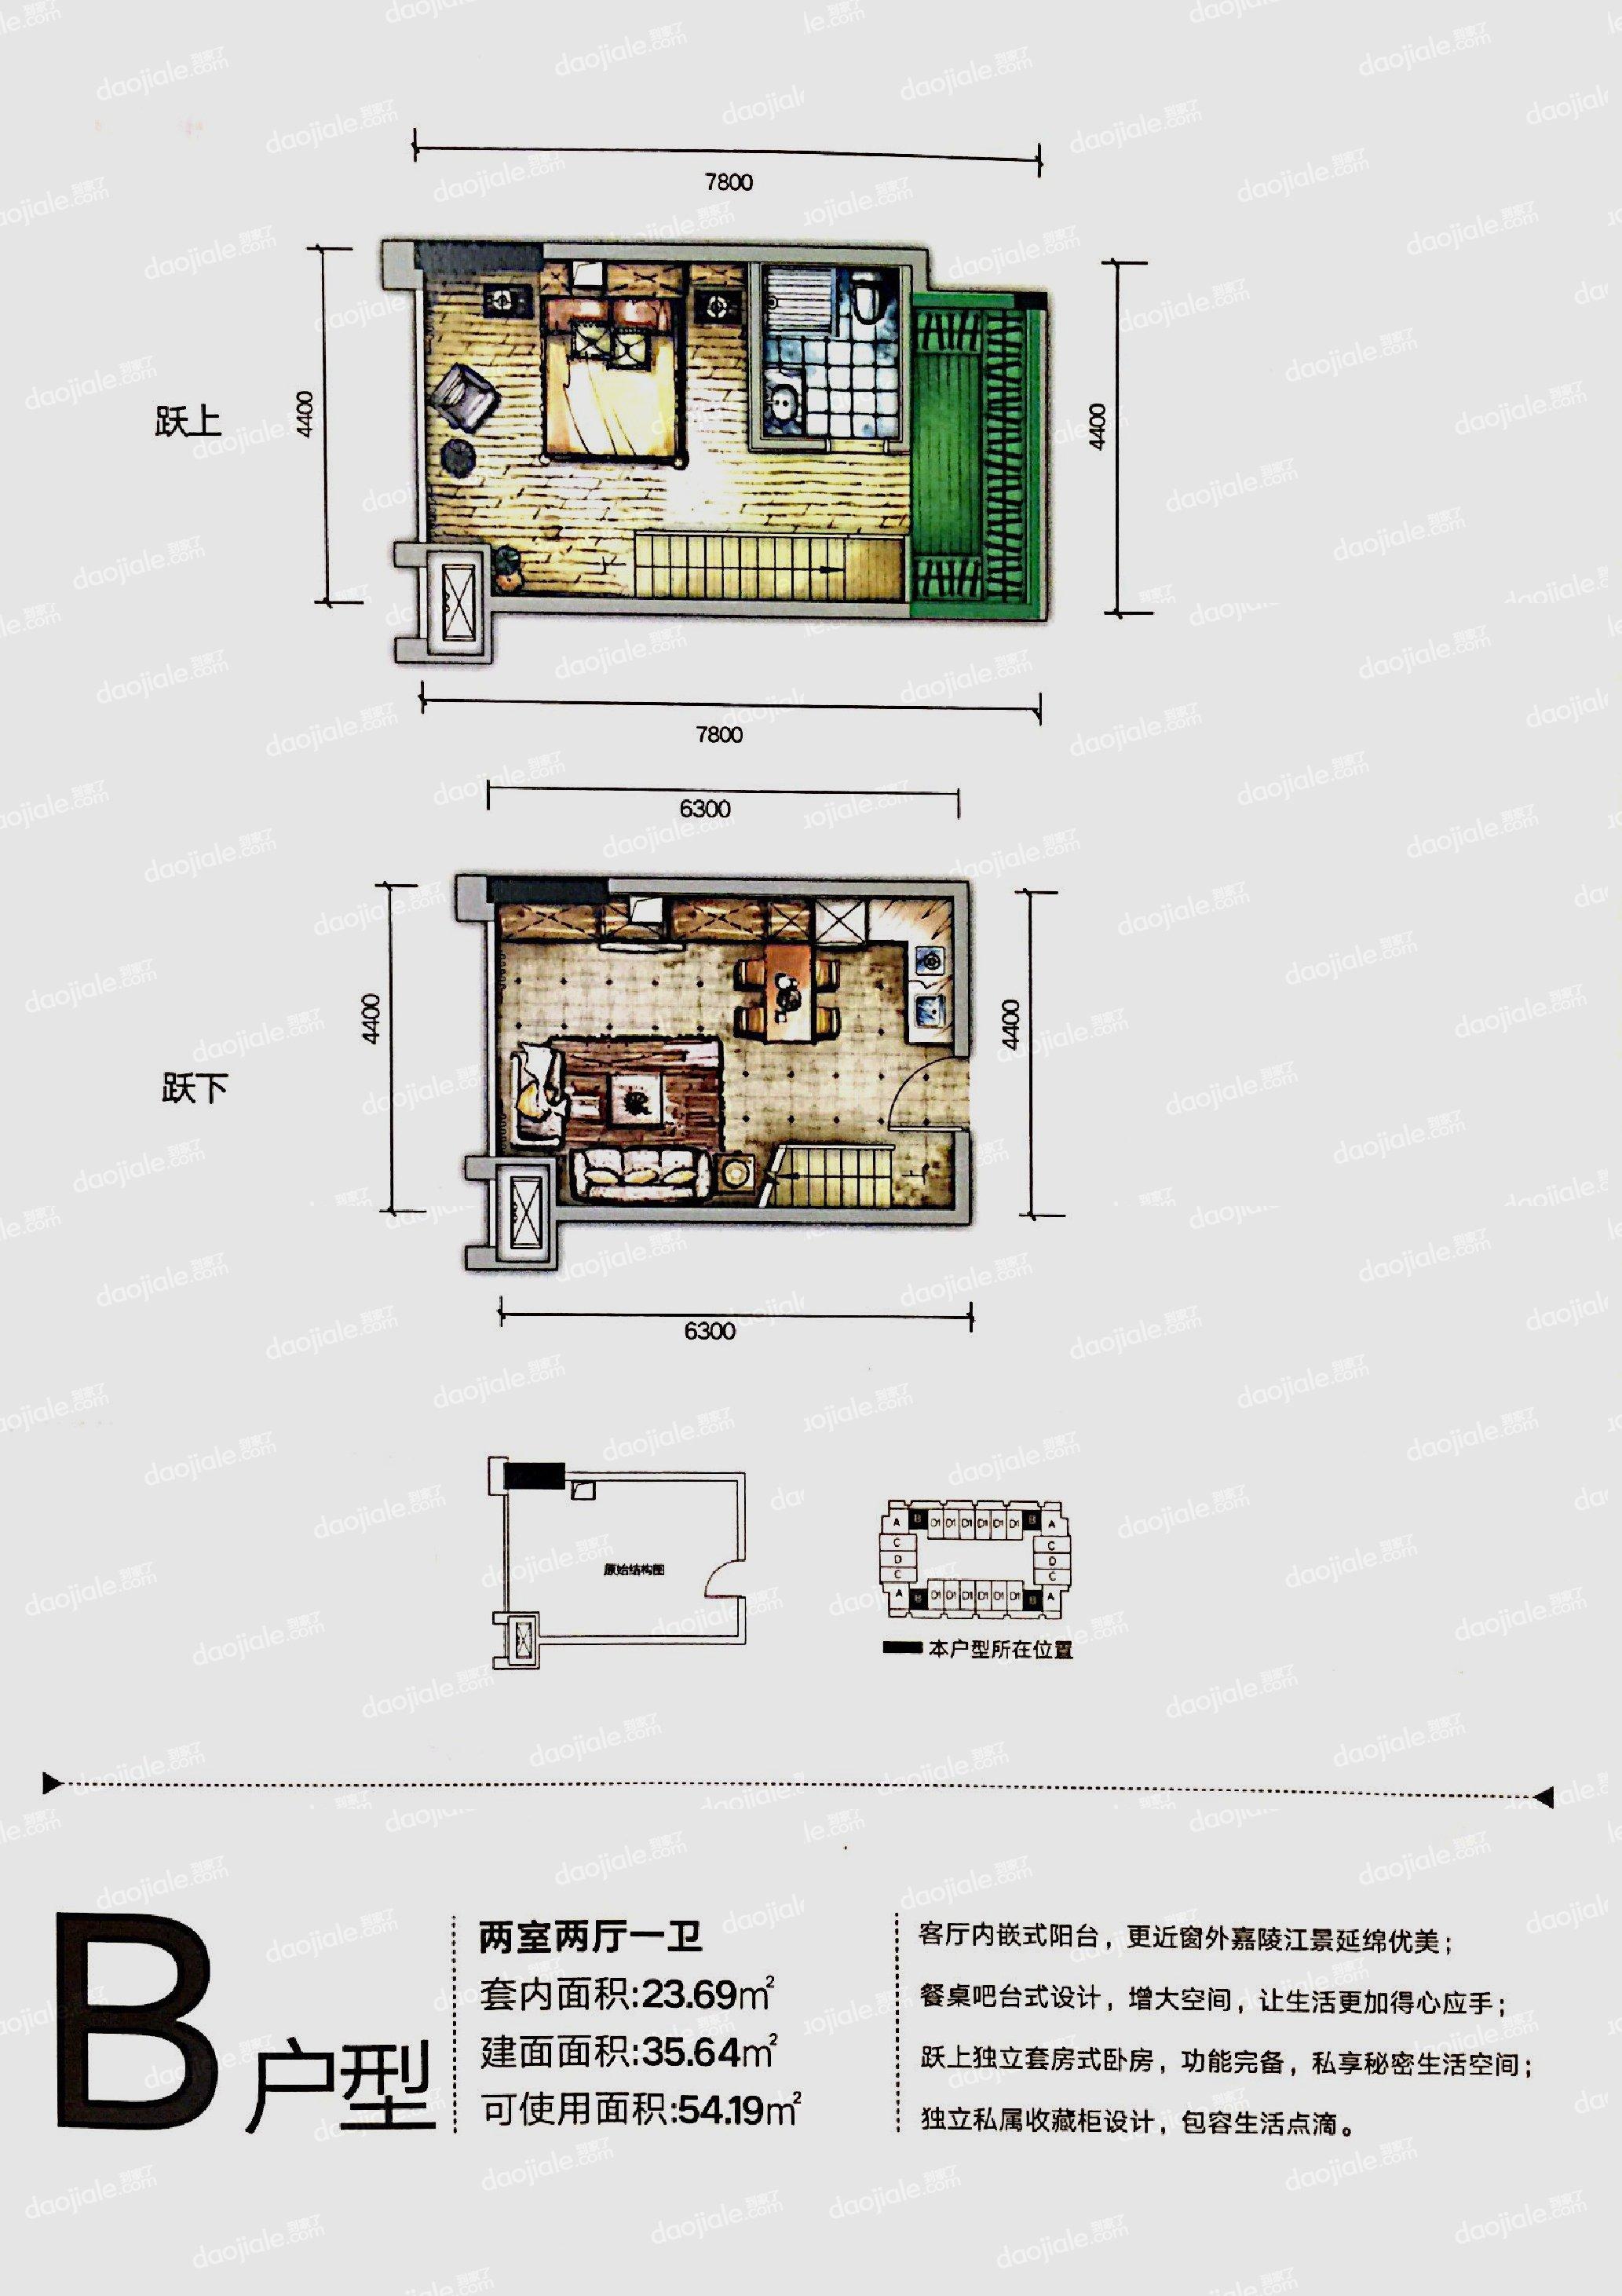 沙坪坝区双碑信达滨江蓝庭新房B户型图